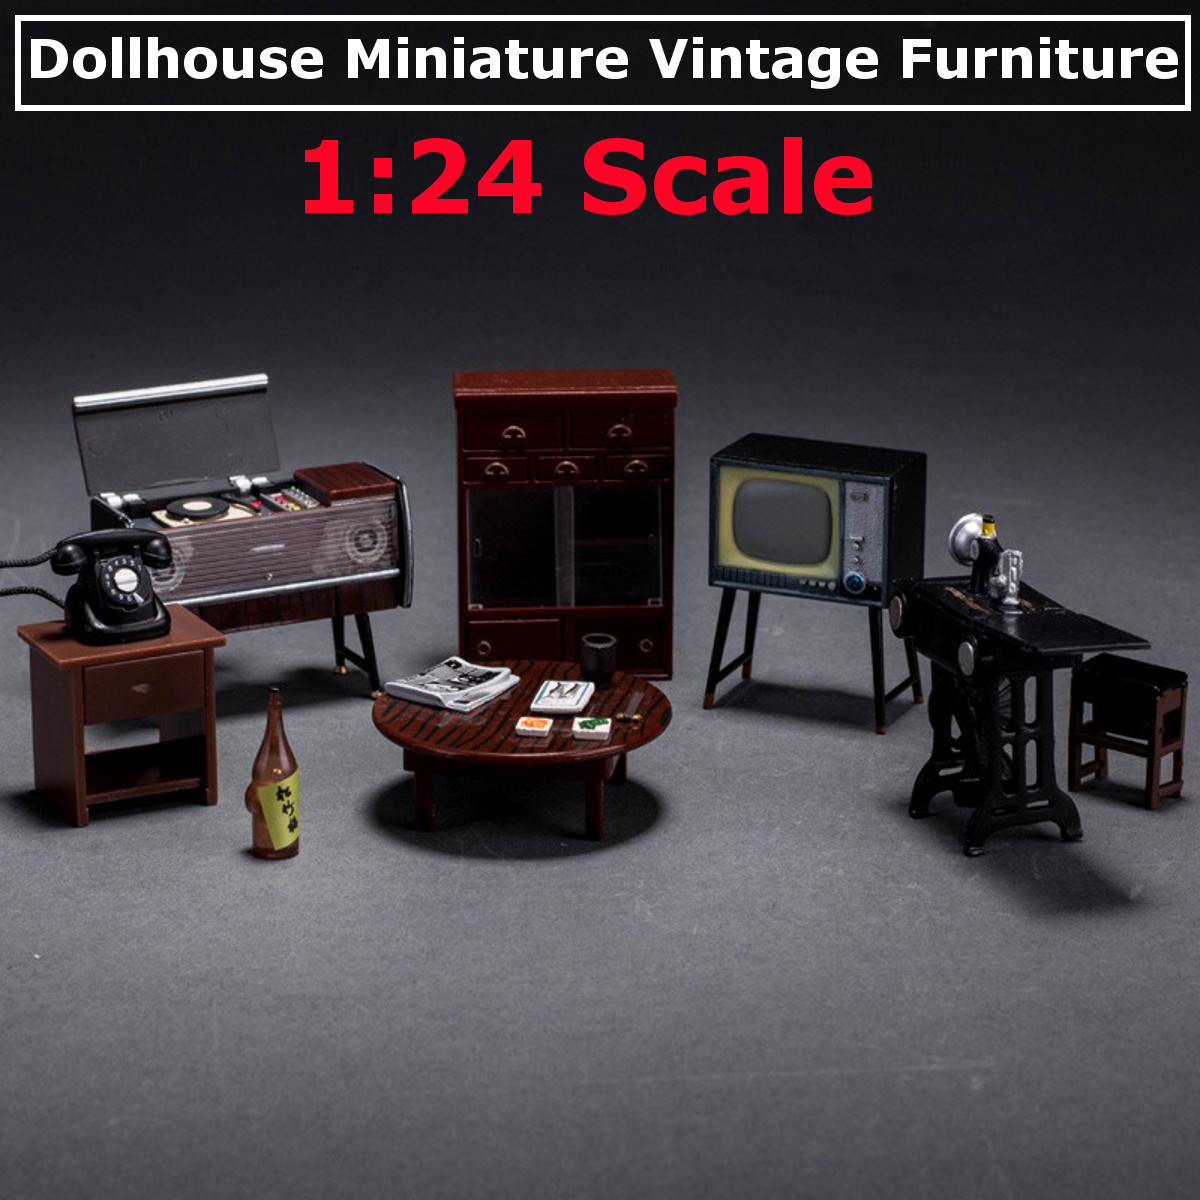 2pcs 1:12 Scale Dollhouse Miniature Vintage Living Room Garden Park Lamps